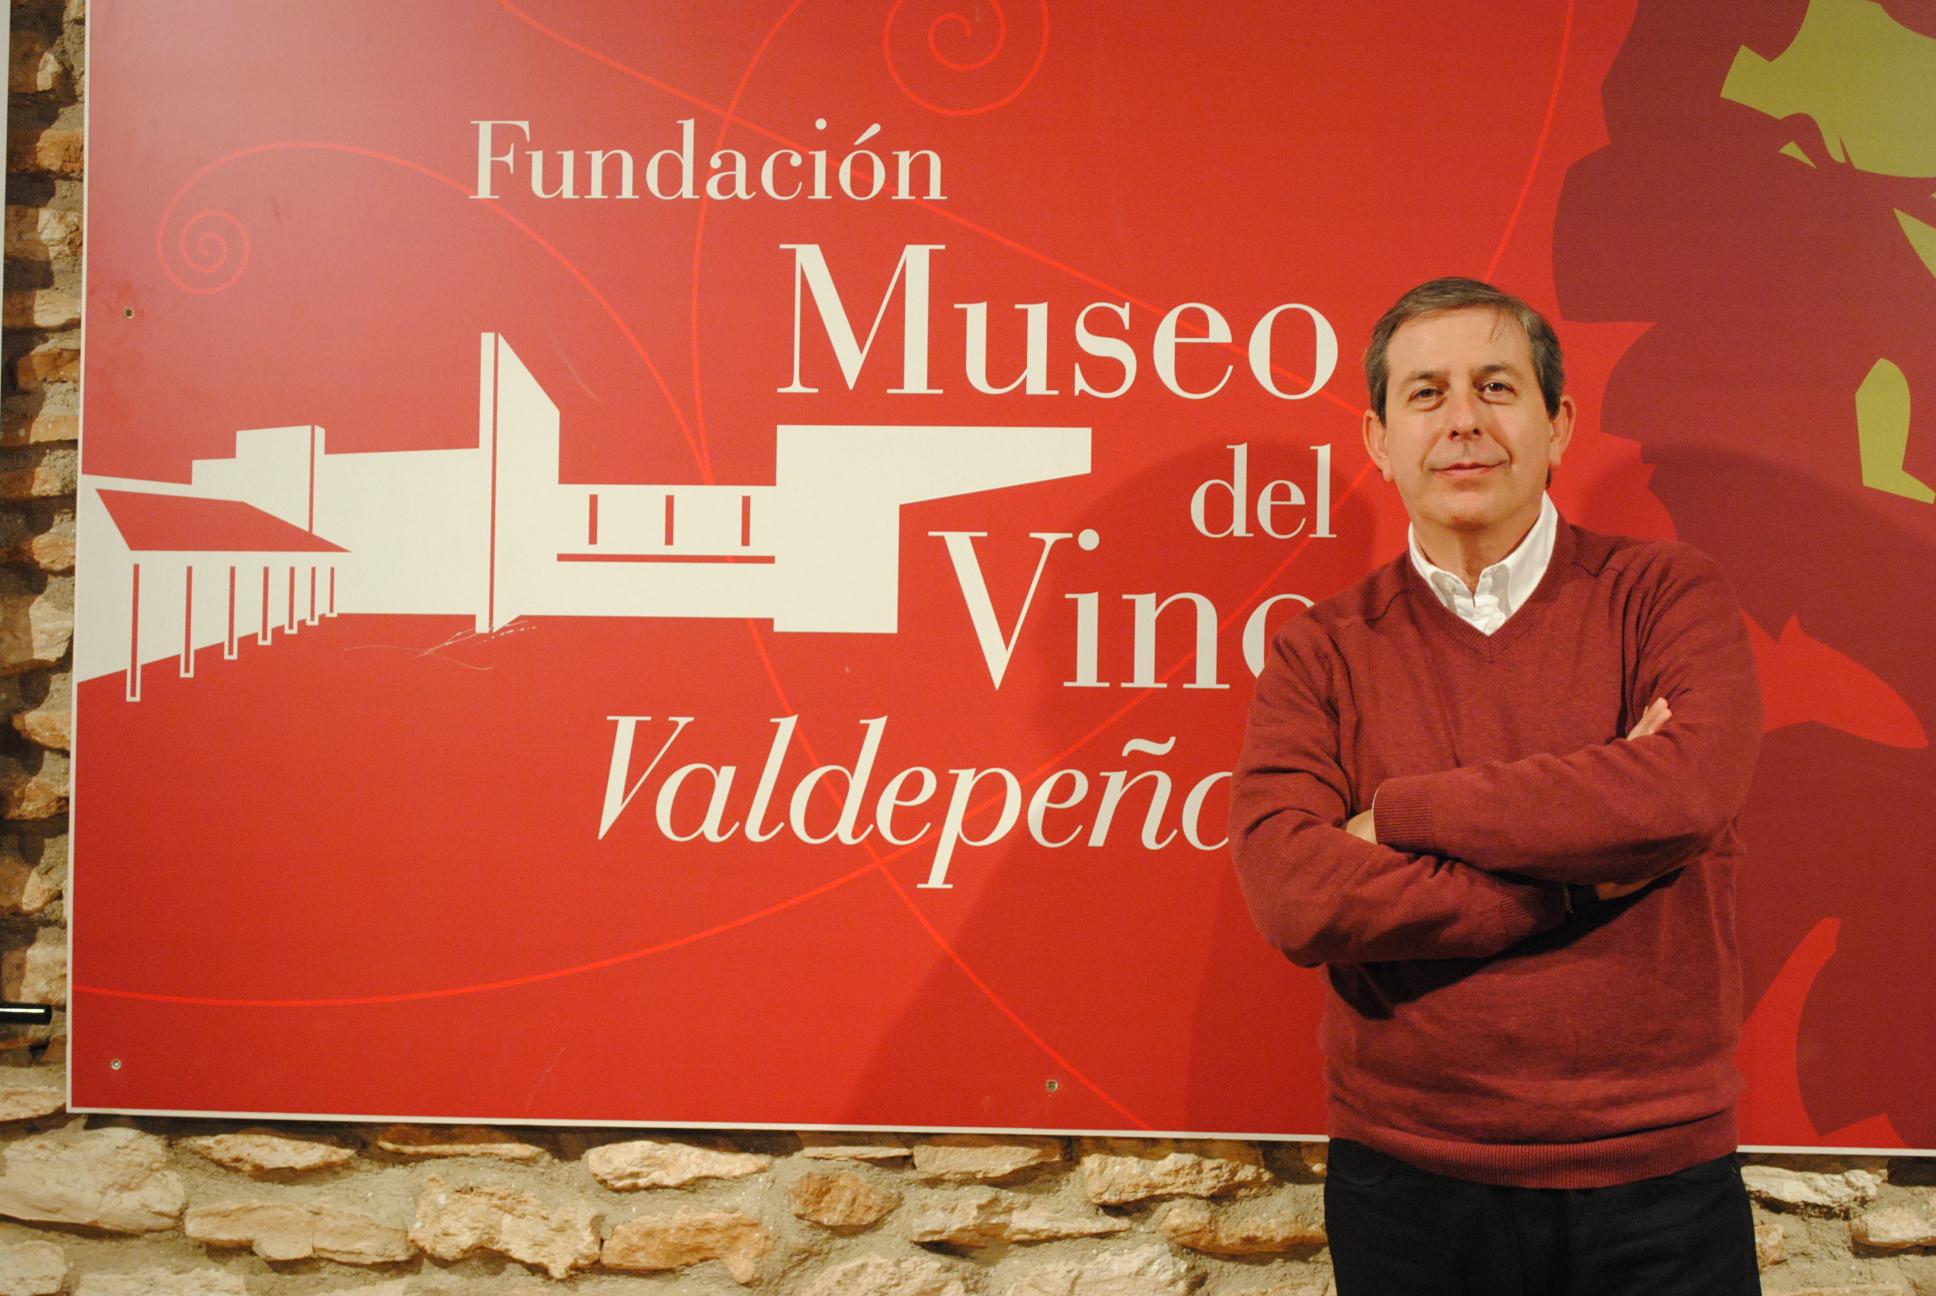 El Museo del Vino recibió en el año de su 15 aniversario a más de 7.000 visitantes